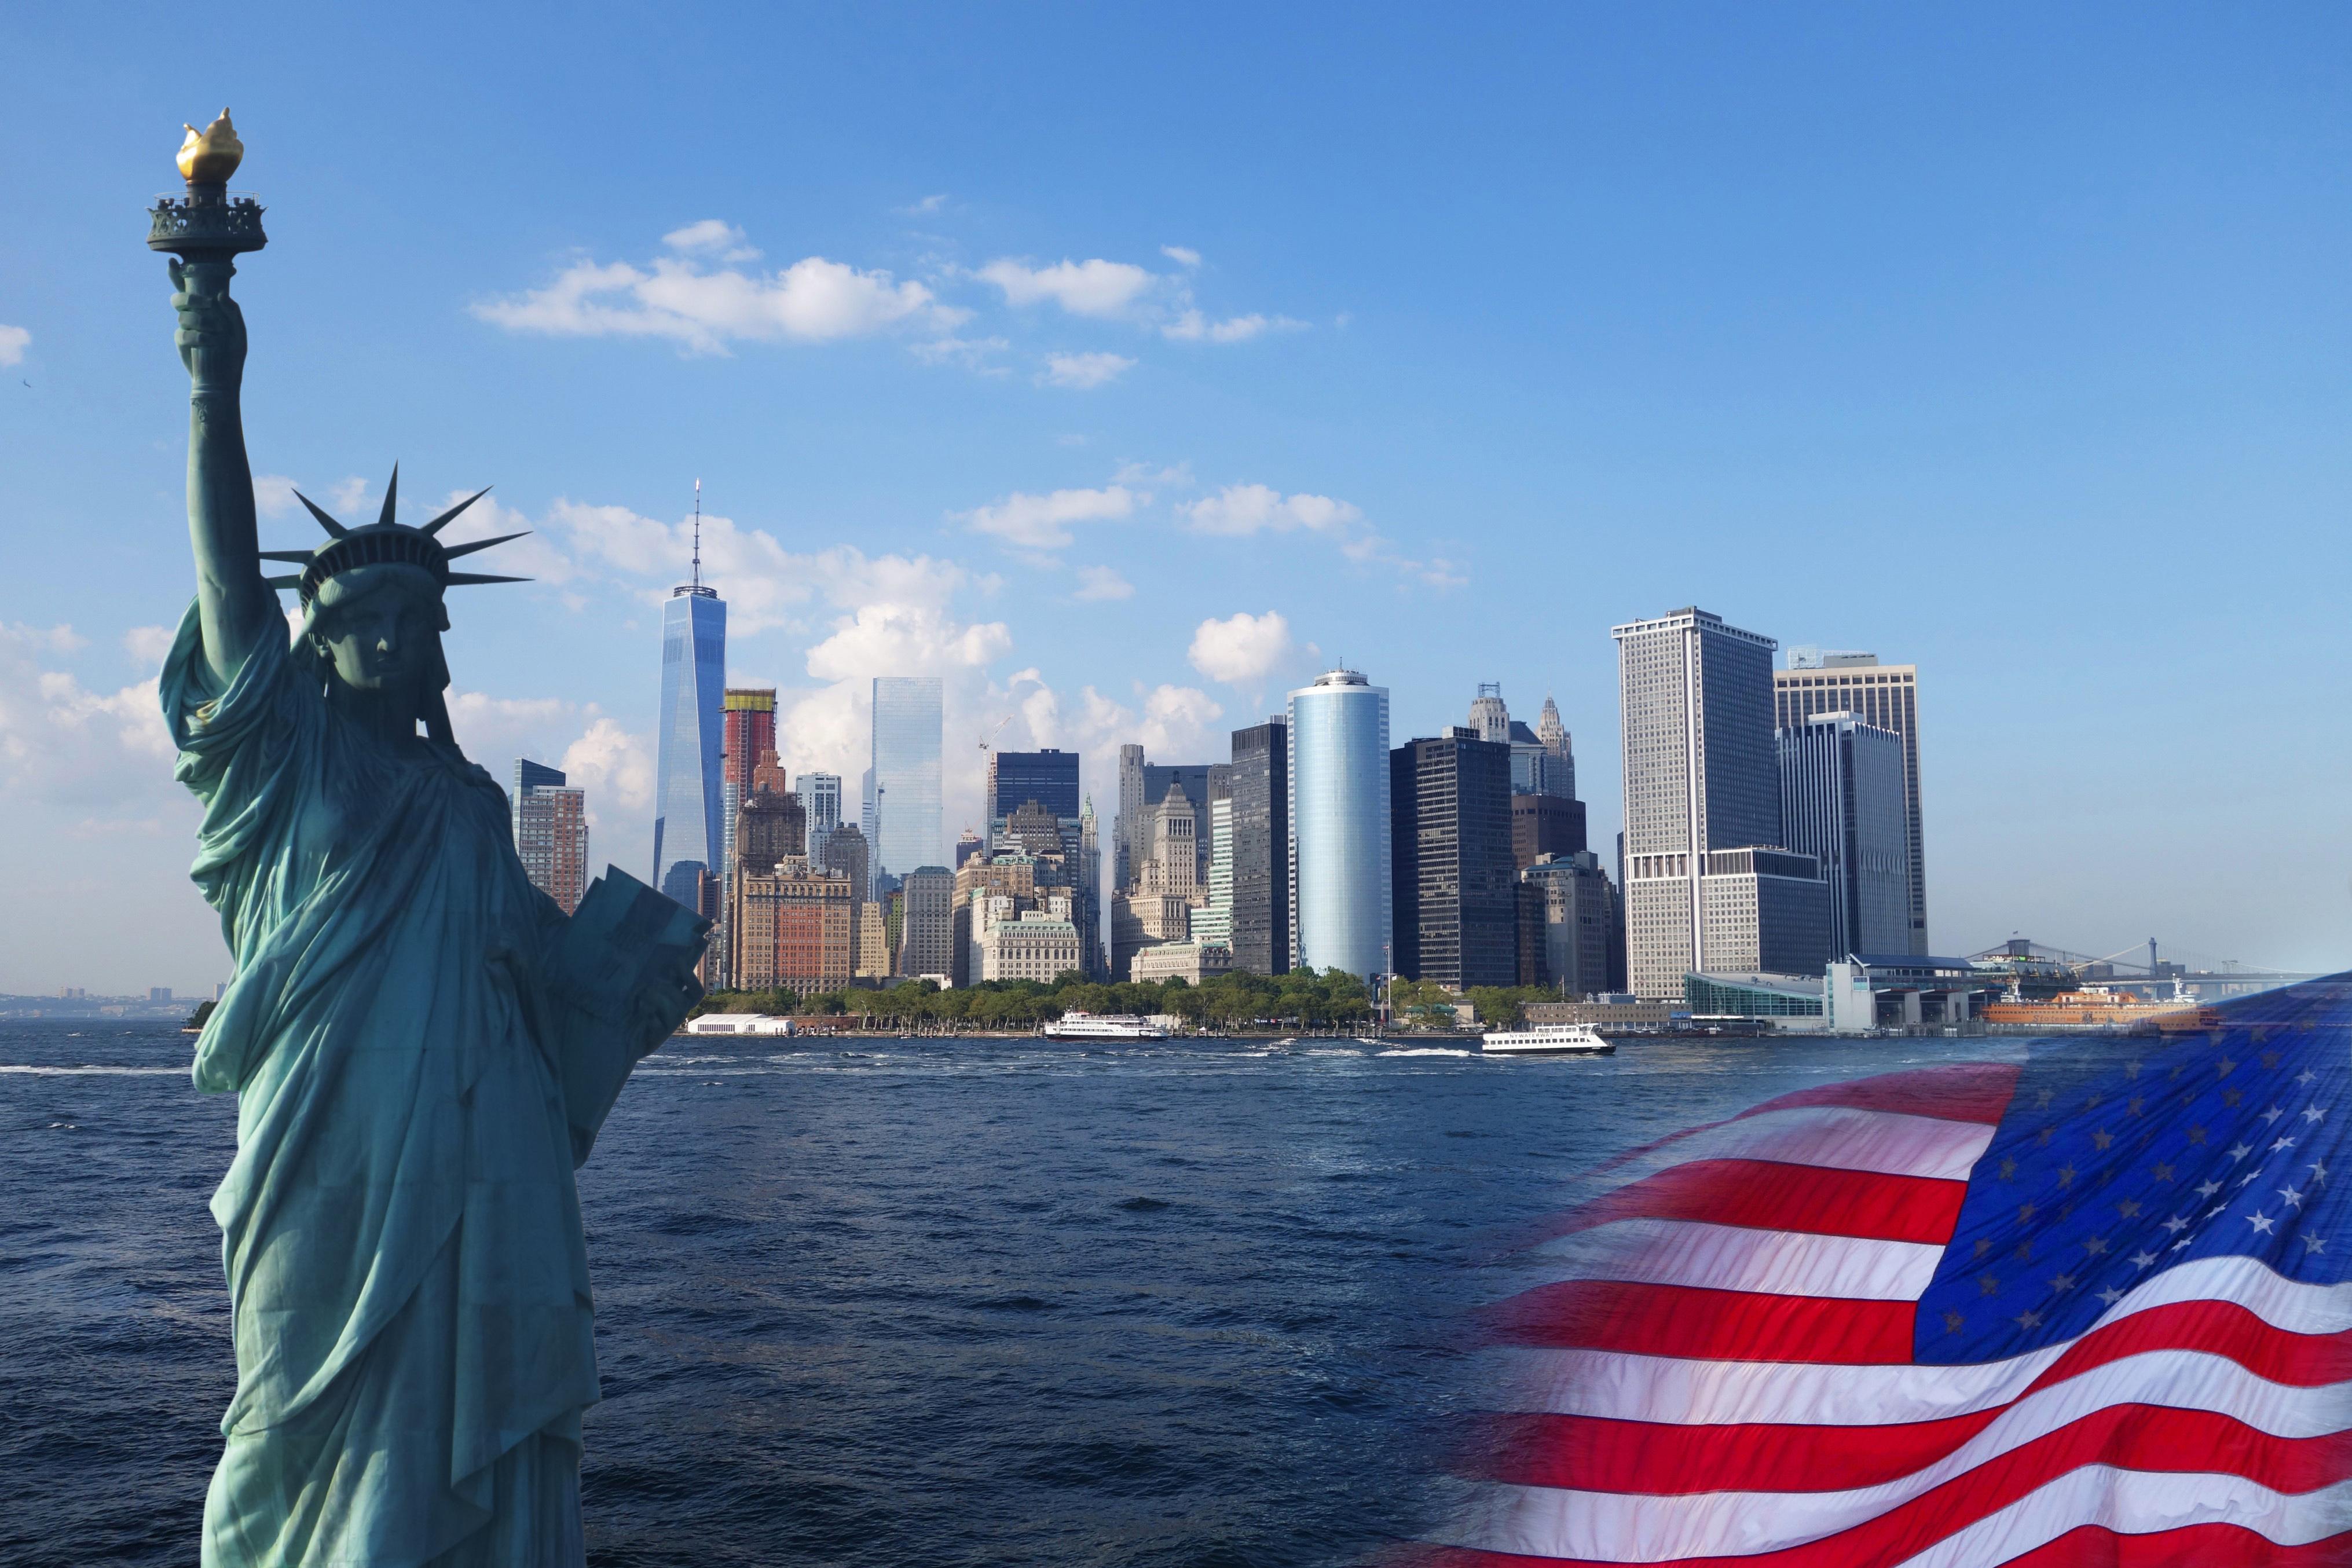 Статуя свободы и флаг США как символ больших возможностей для иммигрантов с грин-картой